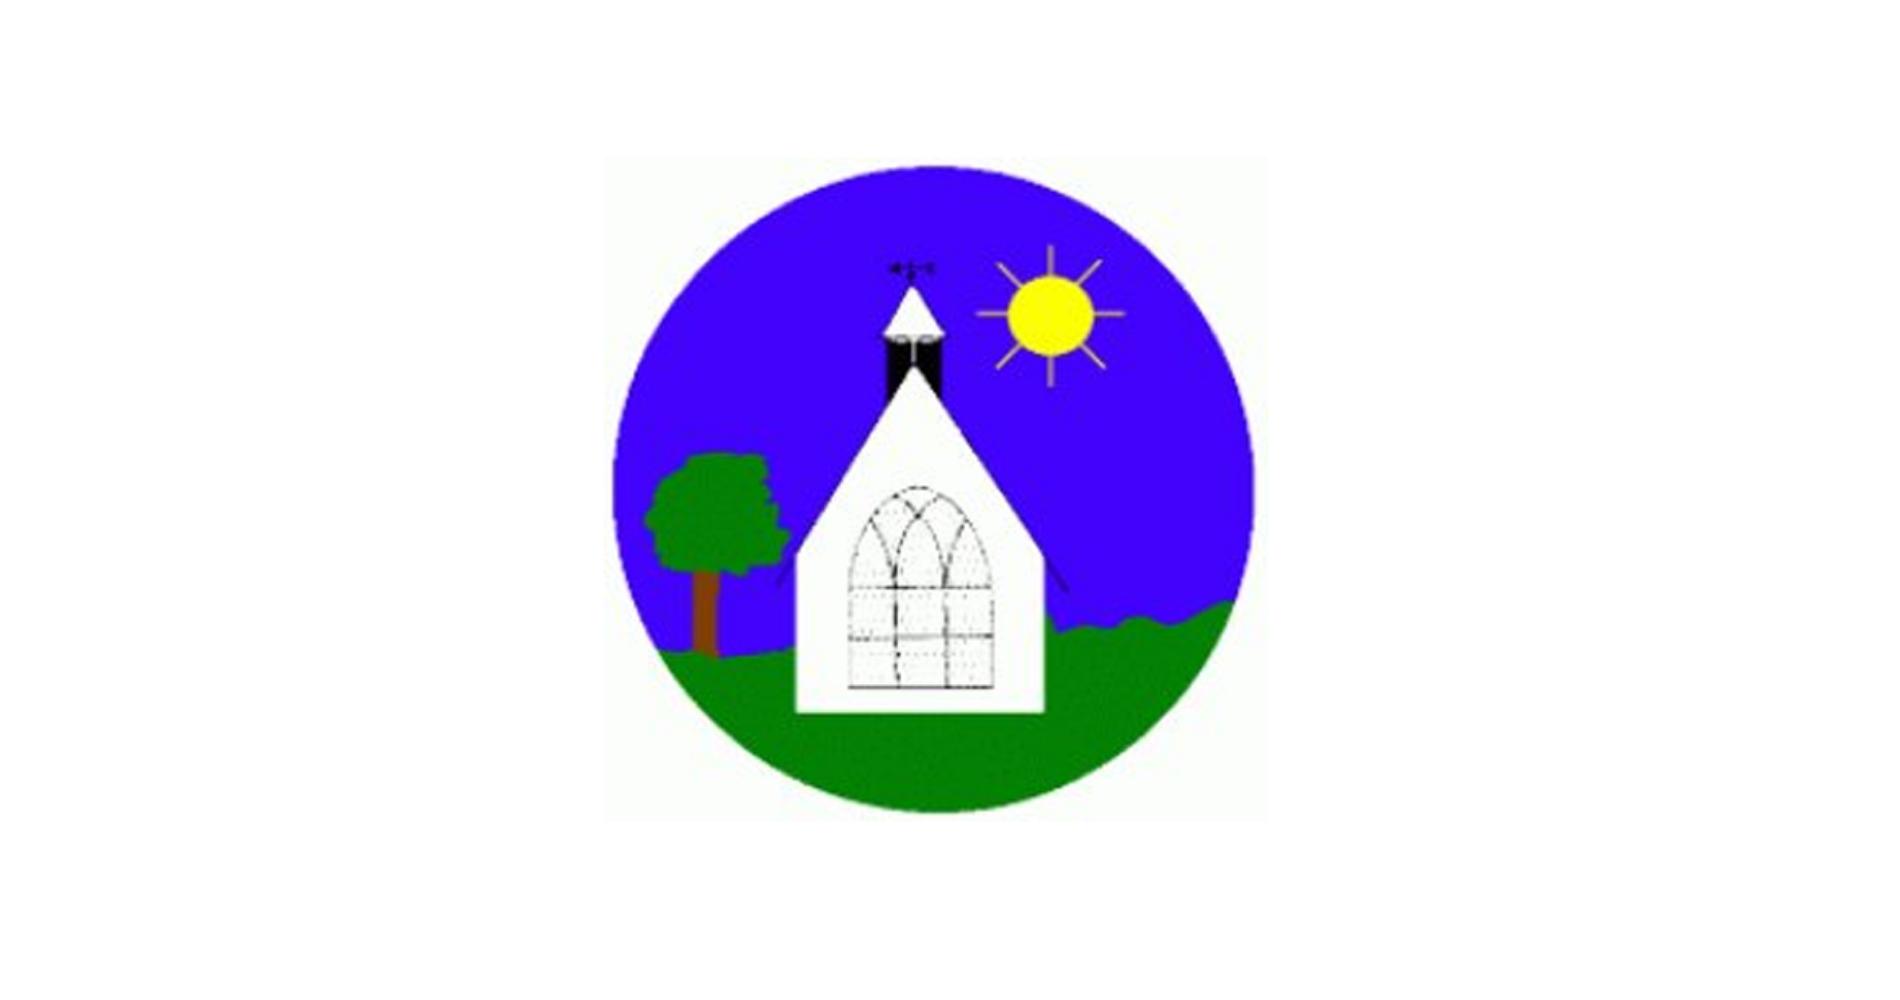 St Michael's Woolmer Green School